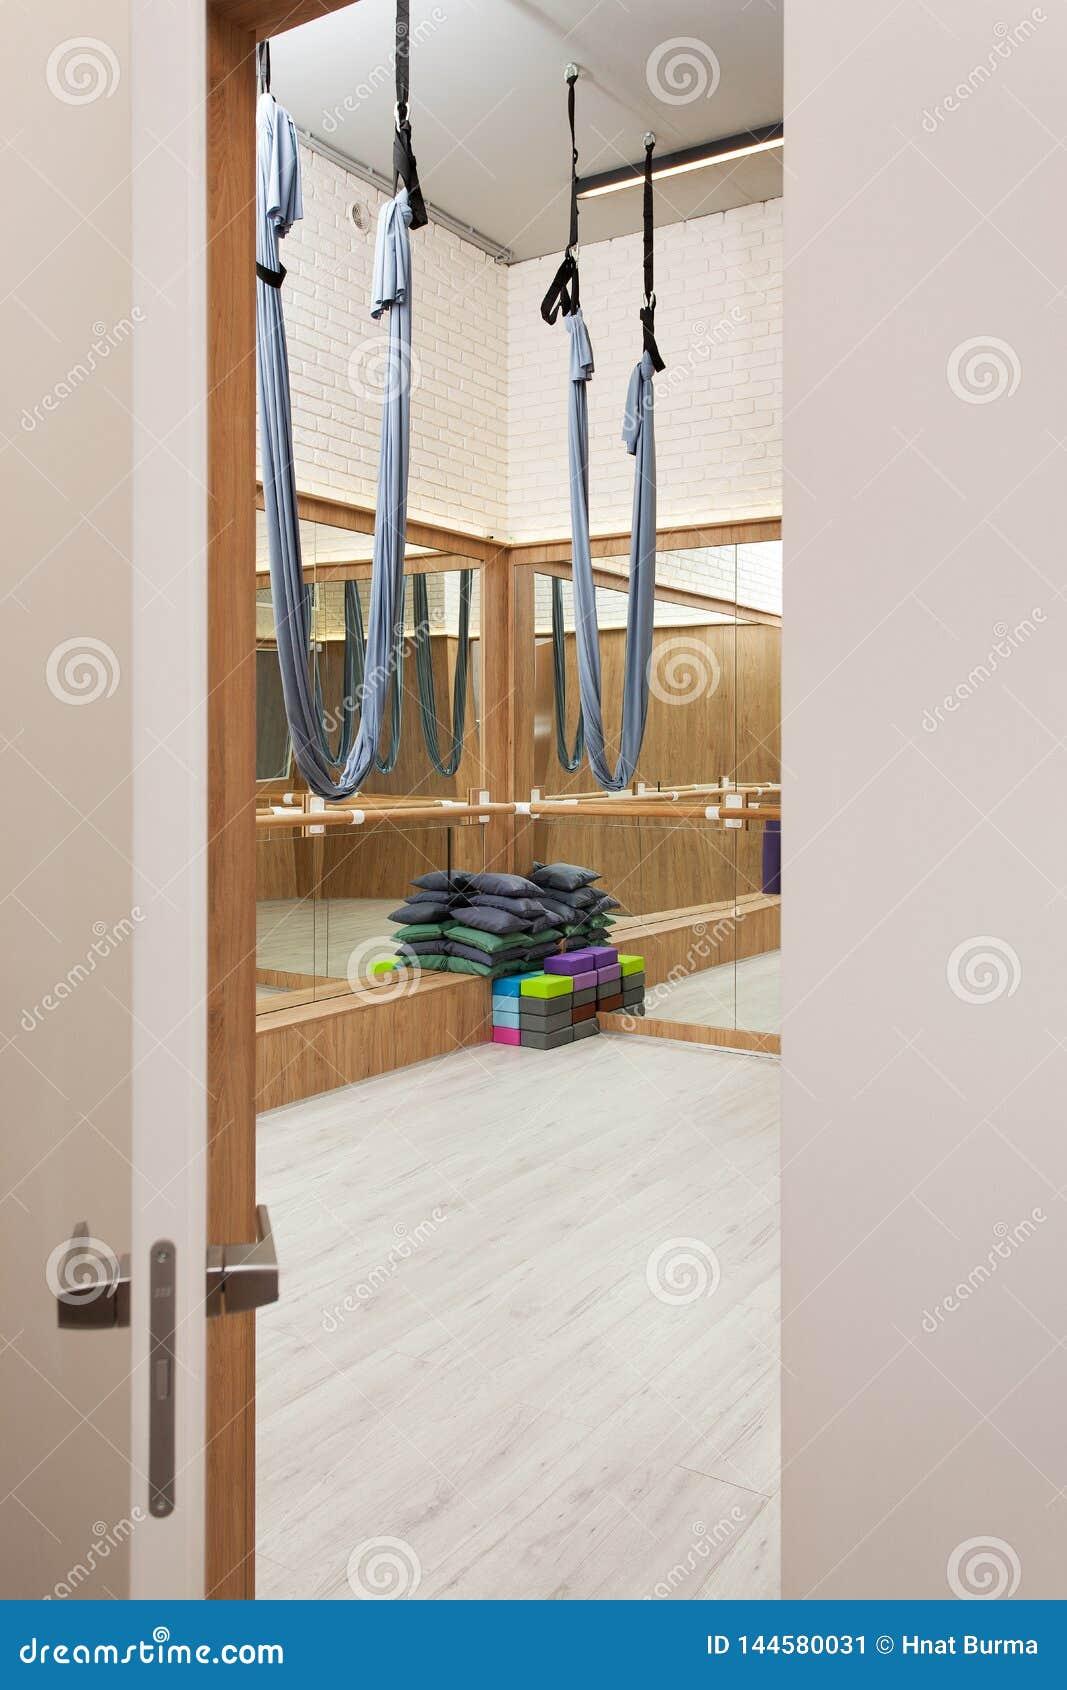 舒展与空中瑜伽丝绸吊床和镜子的演播室内部